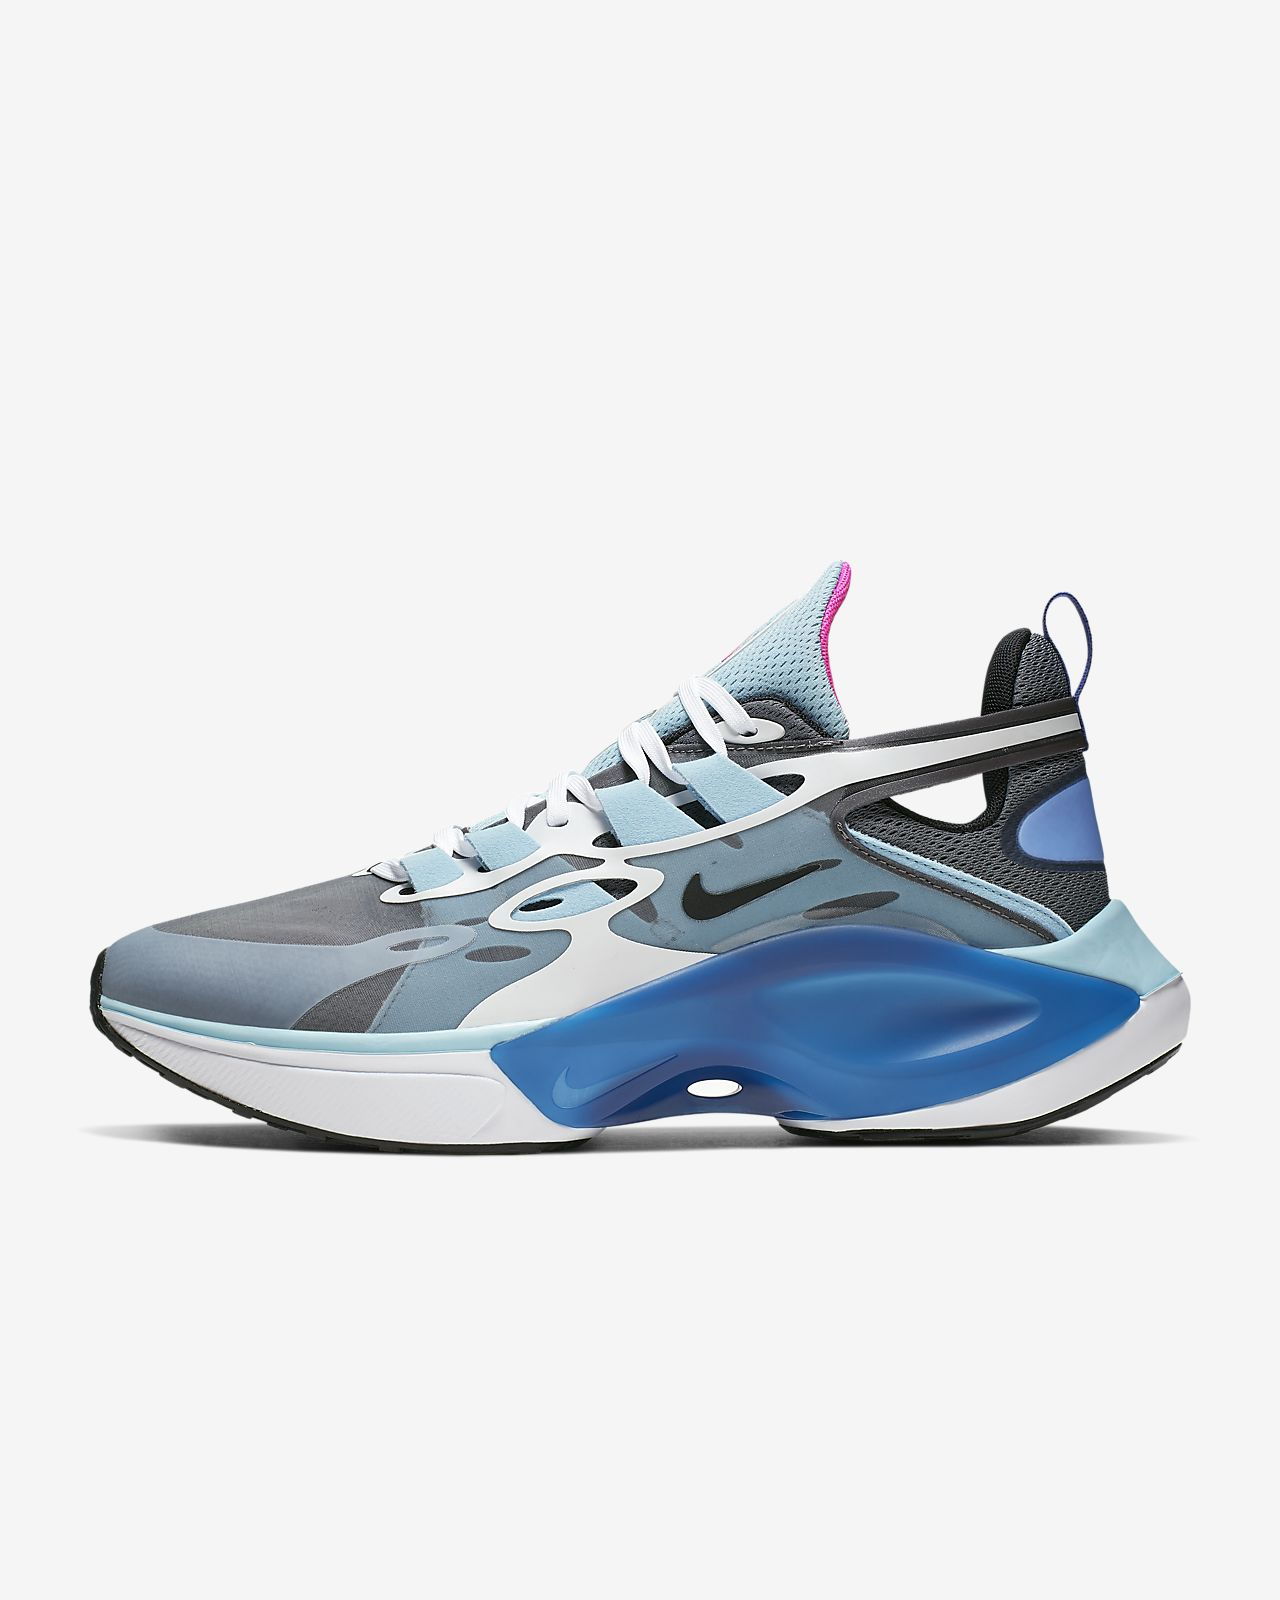 precios de remate zapatos genuinos precio favorable Nike Signal D/MS/X Zapatillas